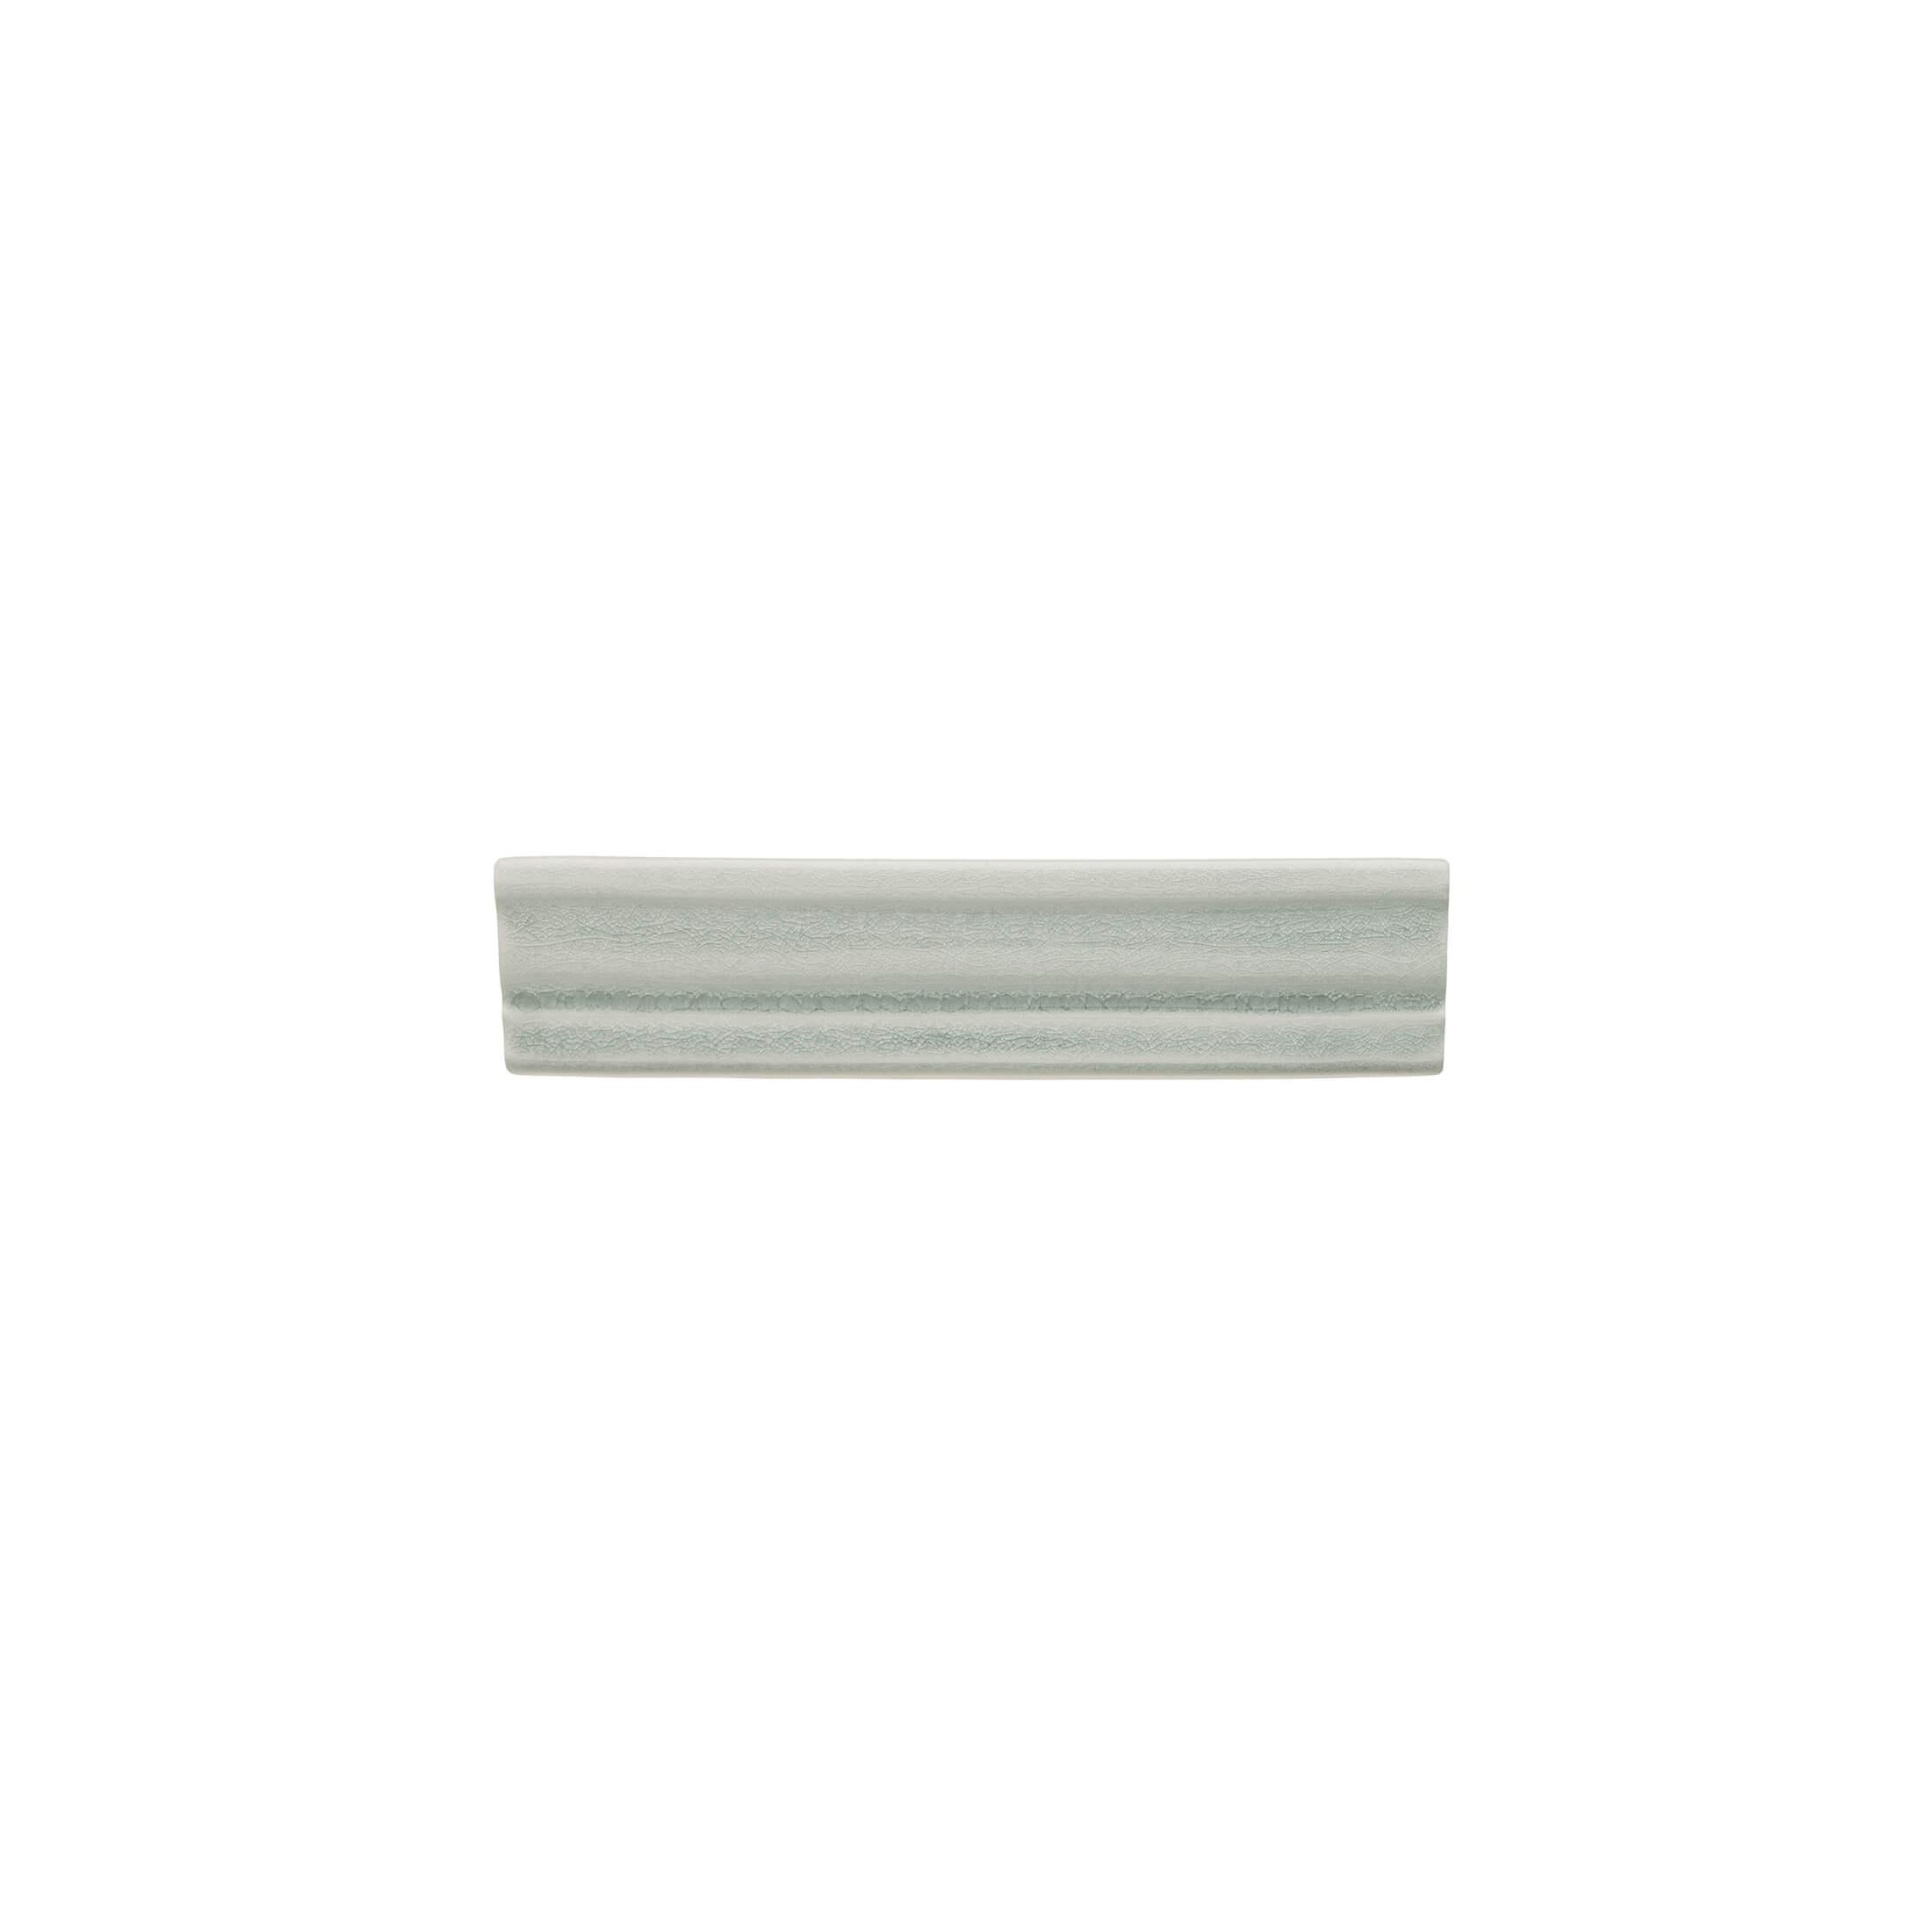 ADOC5058 - CORNISA  - 3 cm X 15 cm